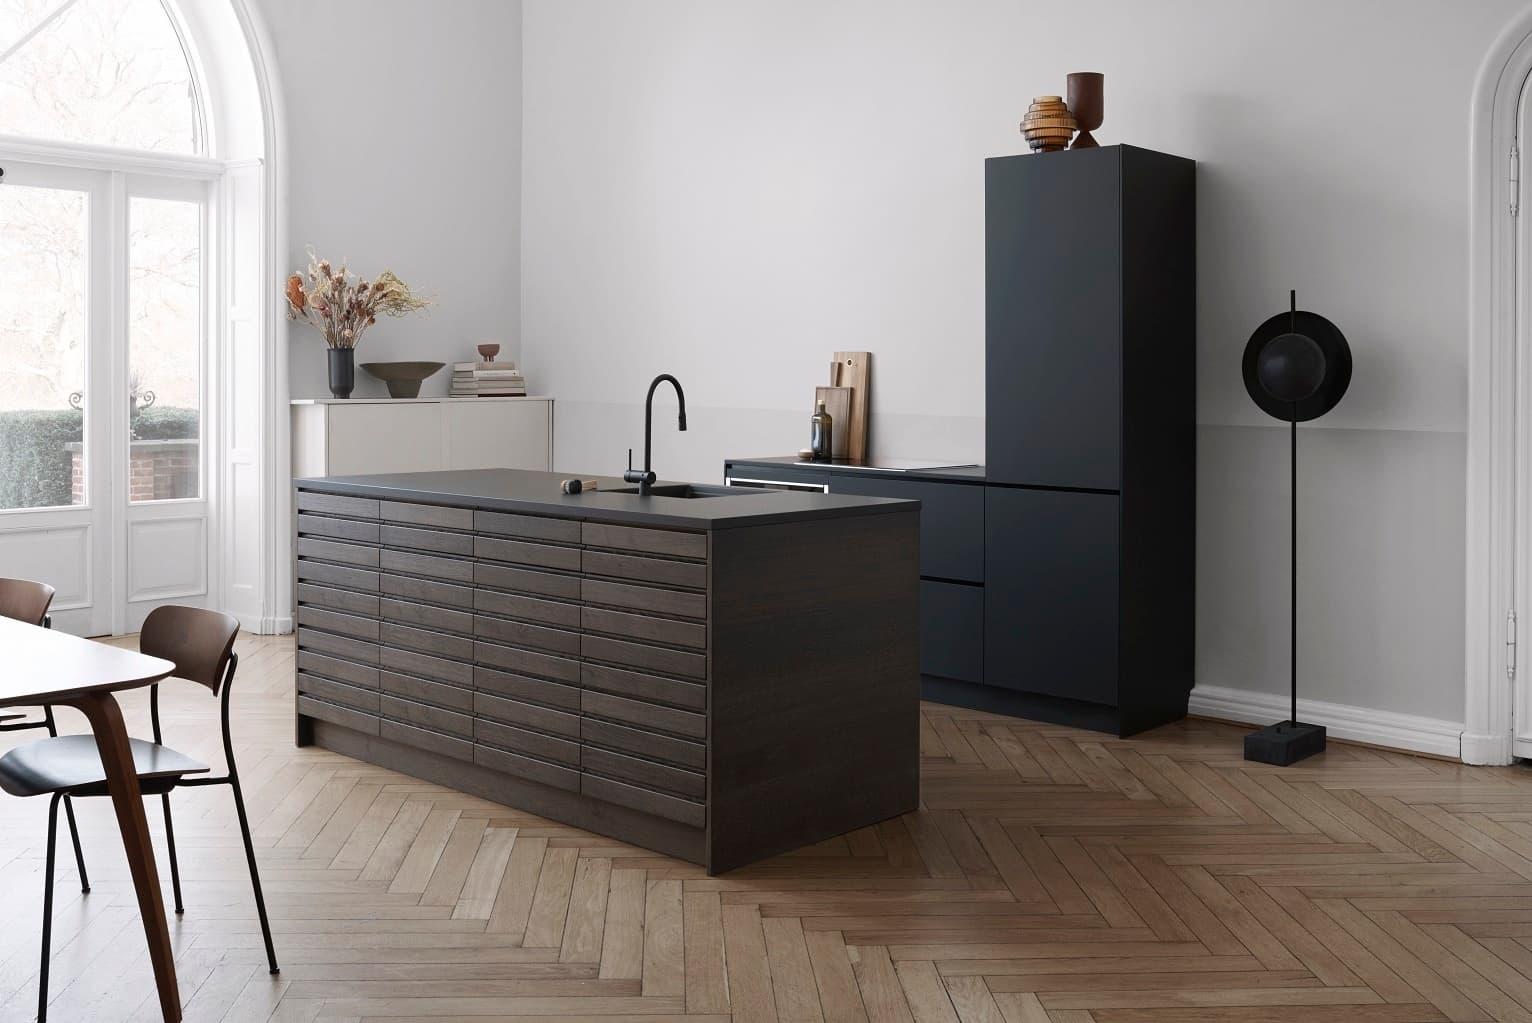 Cima light oak Selected kitchen 5.jpg